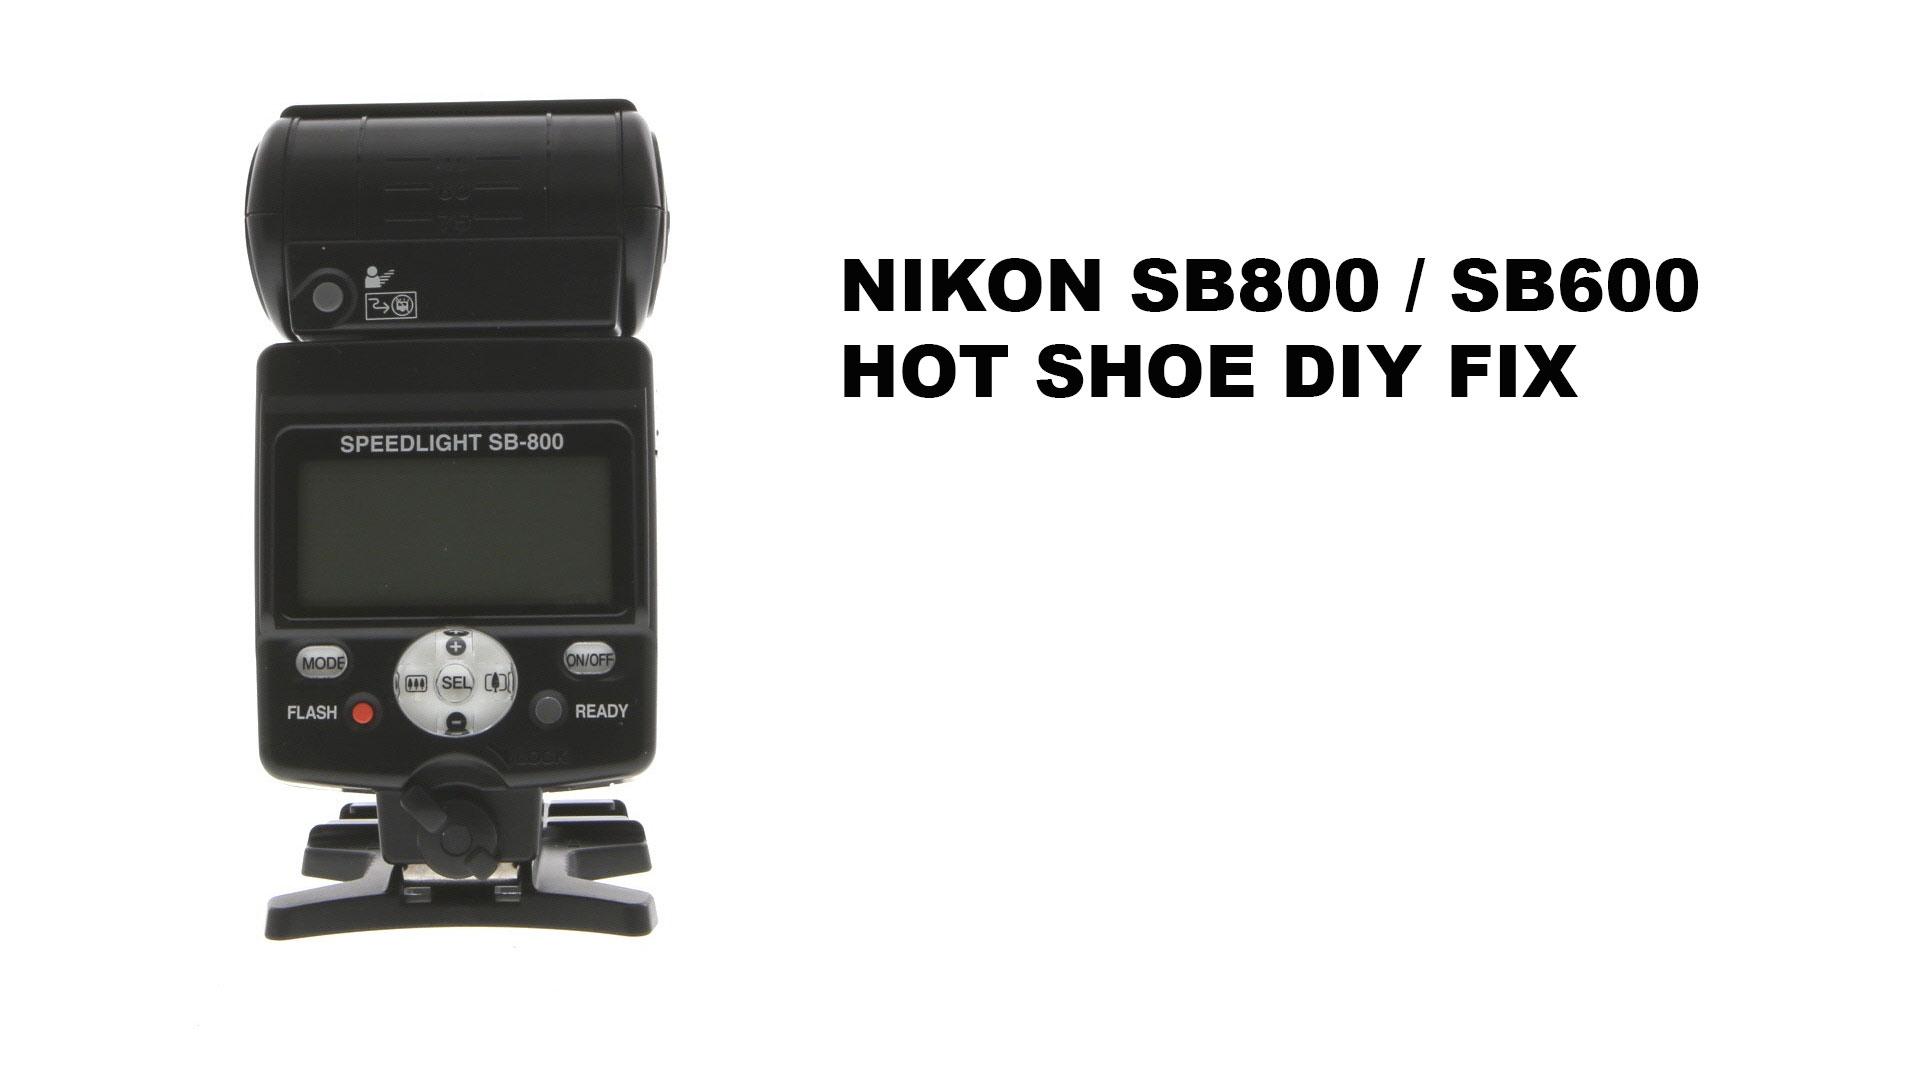 NIKON SB800 SB600 Flash Hotshoe DIY Fix